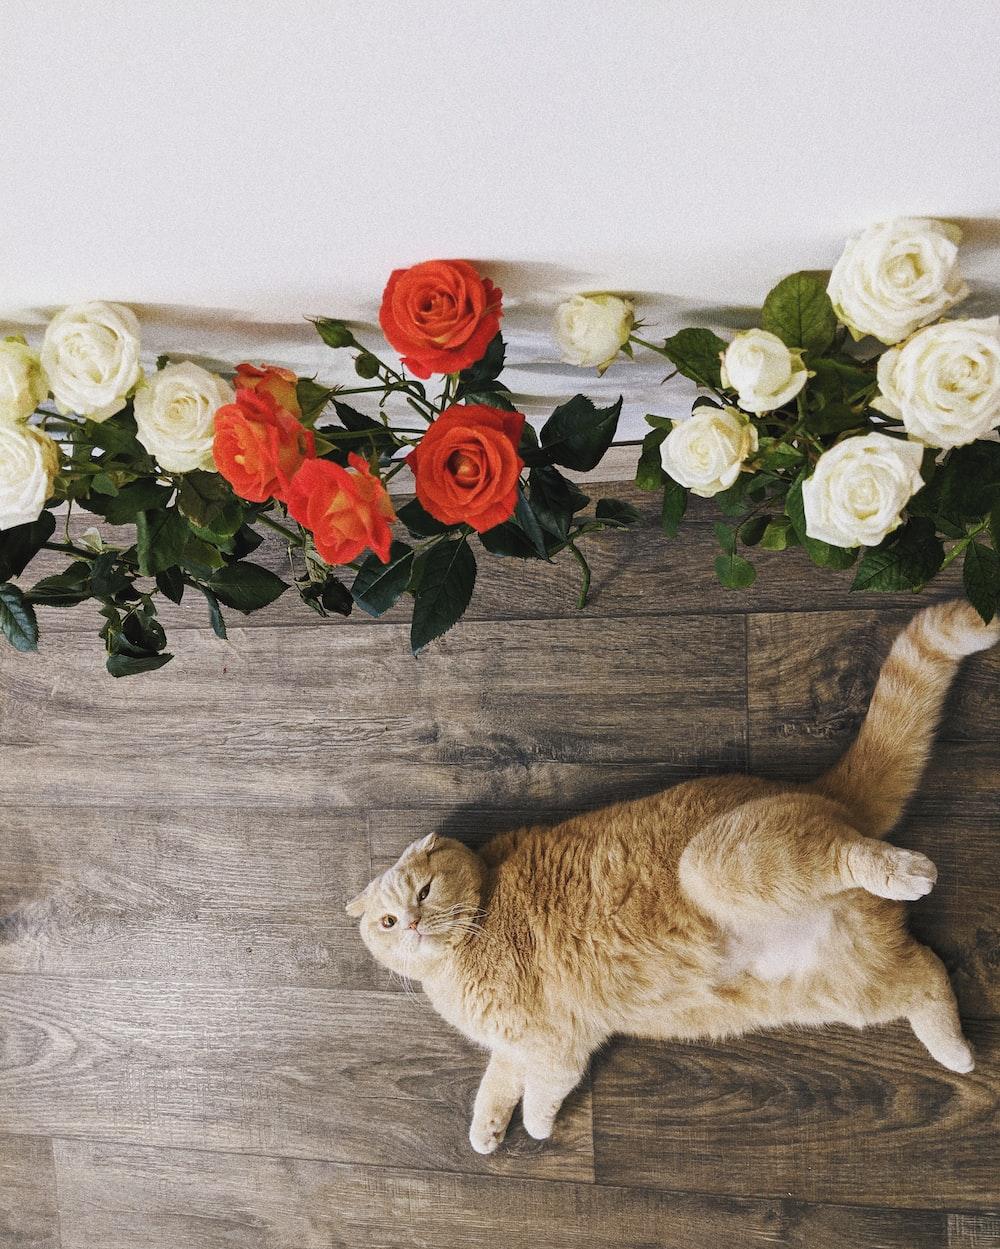 orange tabby cat lying on floor near red and white roses flowers